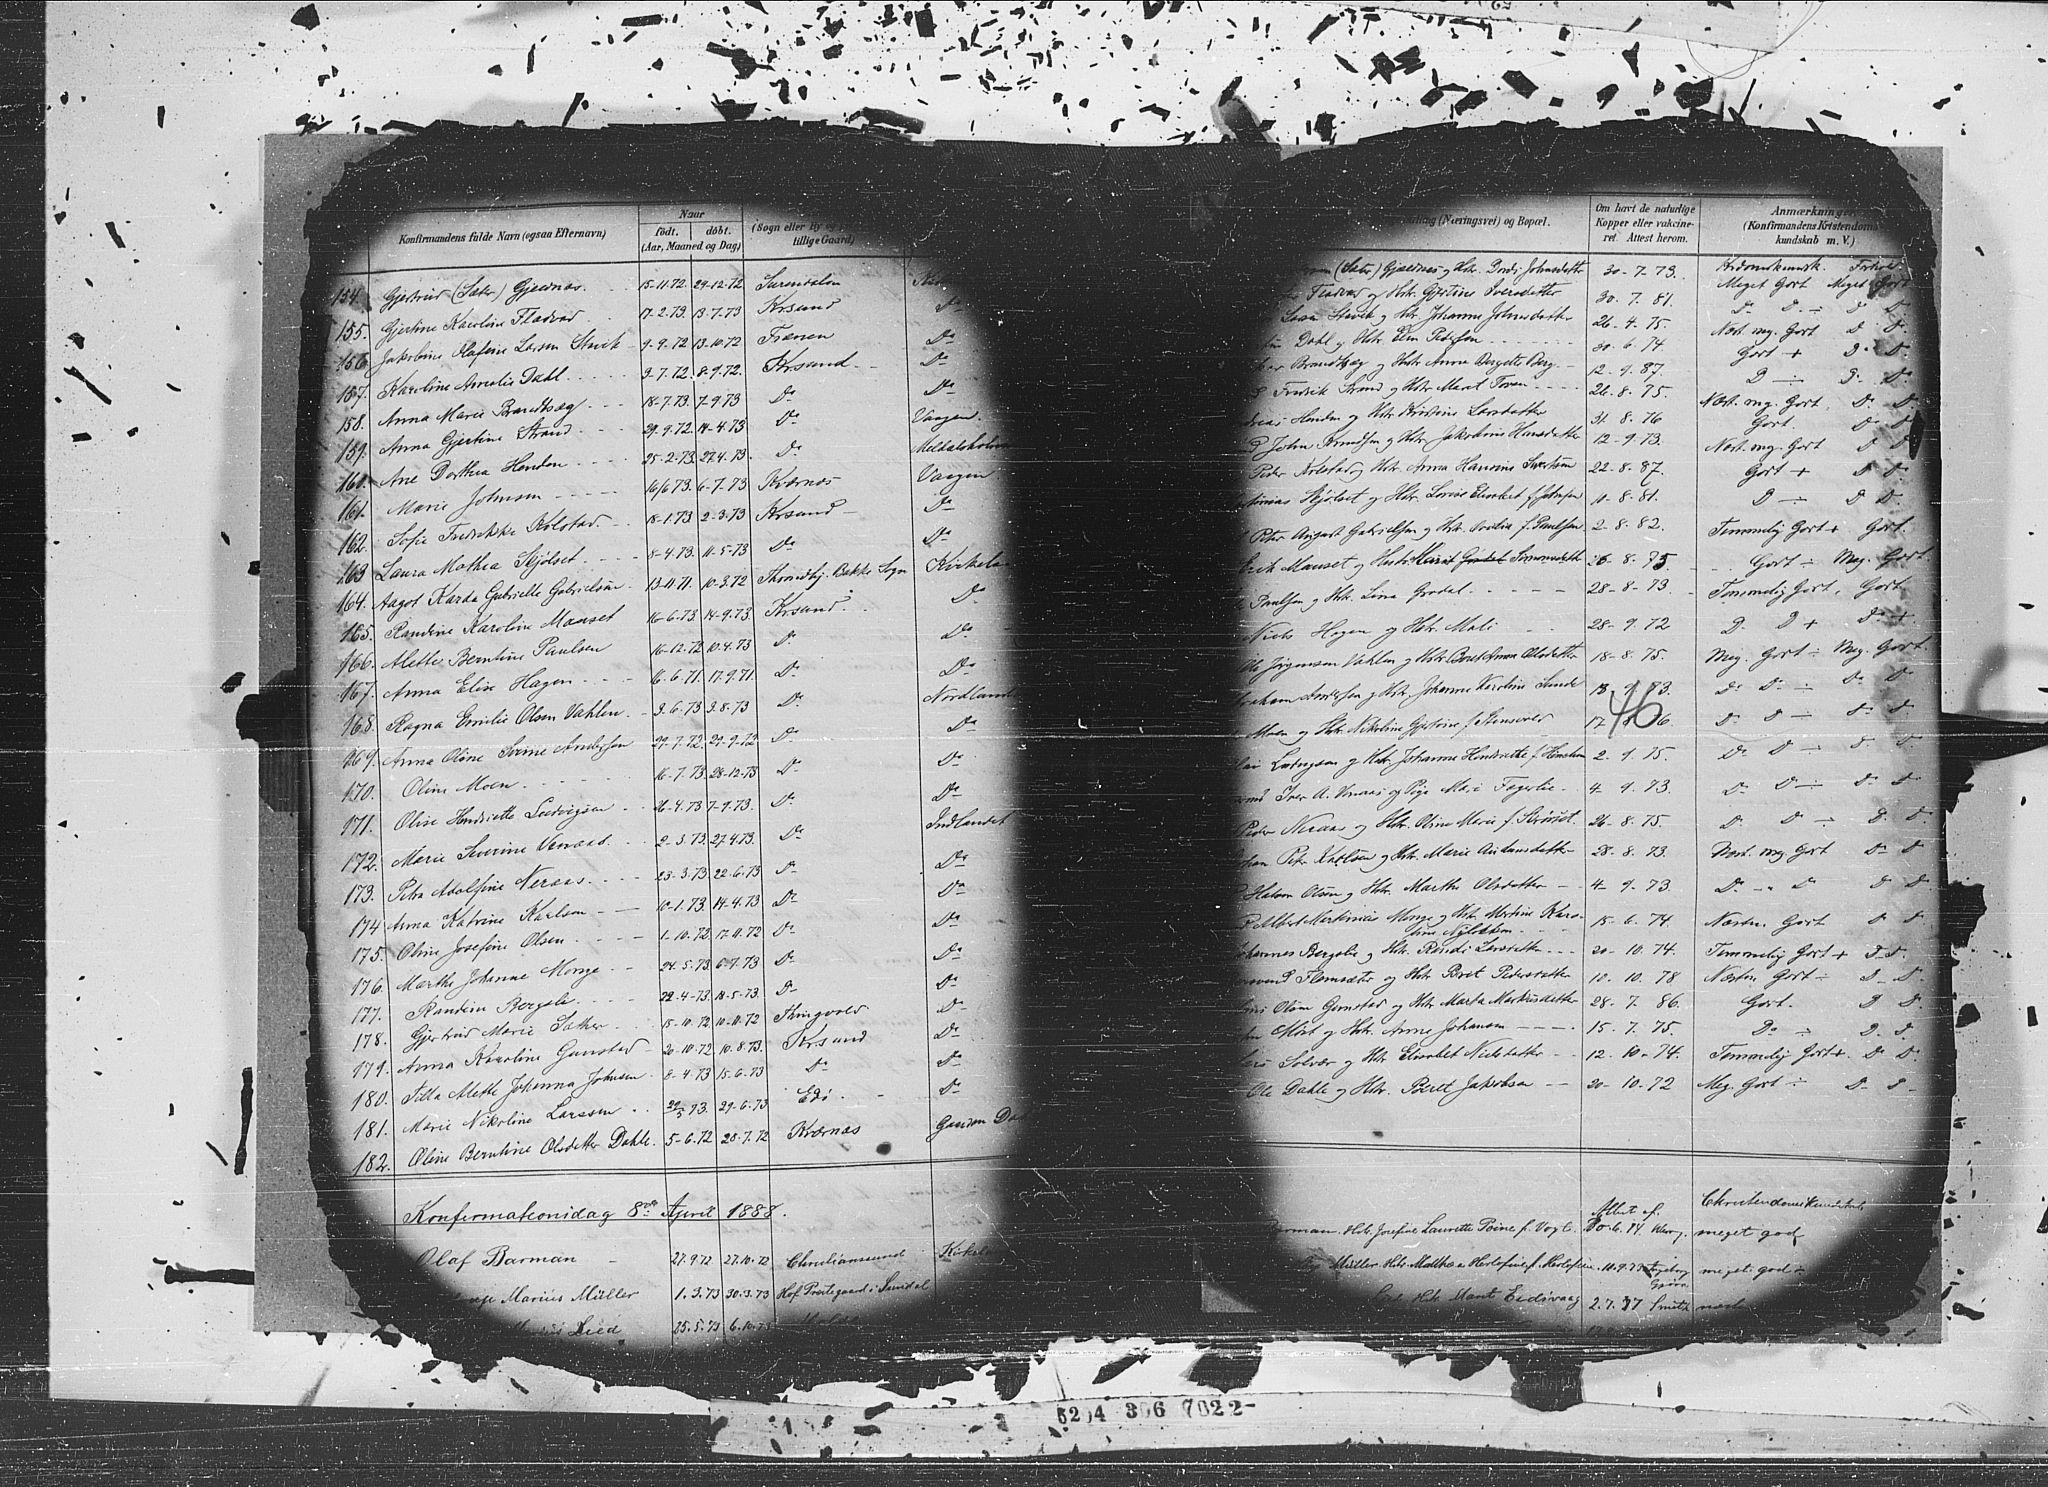 SAT, Ministerialprotokoller, klokkerbøker og fødselsregistre - Møre og Romsdal, 572/L0852: Ministerialbok nr. 572A15, 1880-1900, s. 46